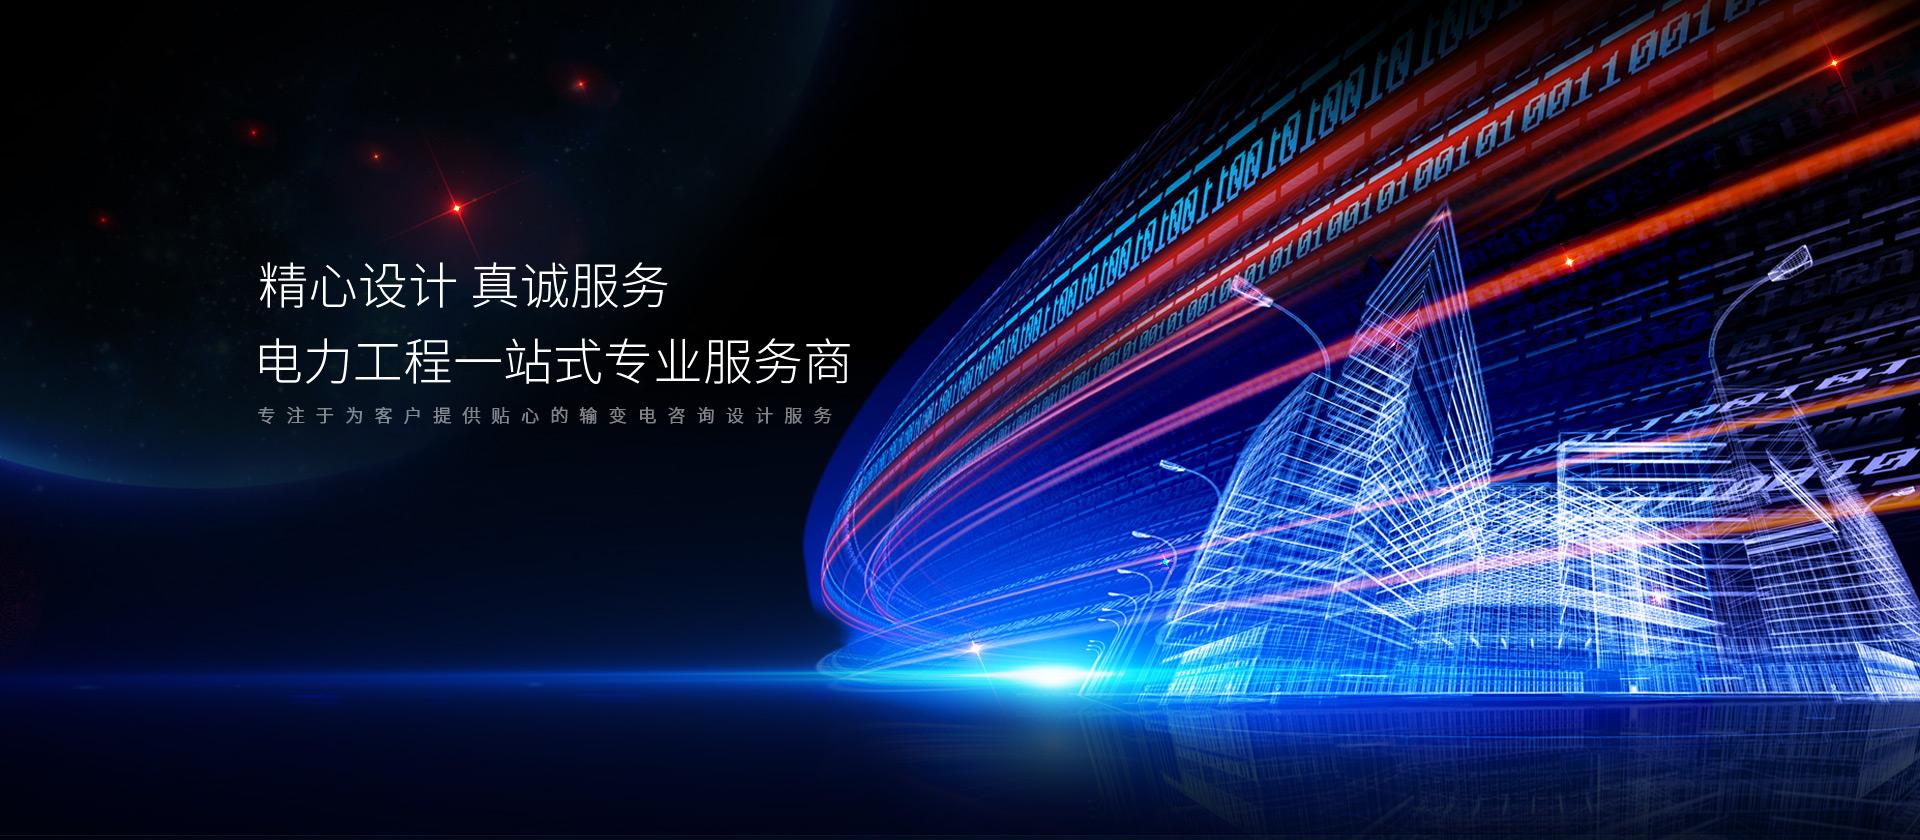 加入yabo亚搏体育苹果下载banner